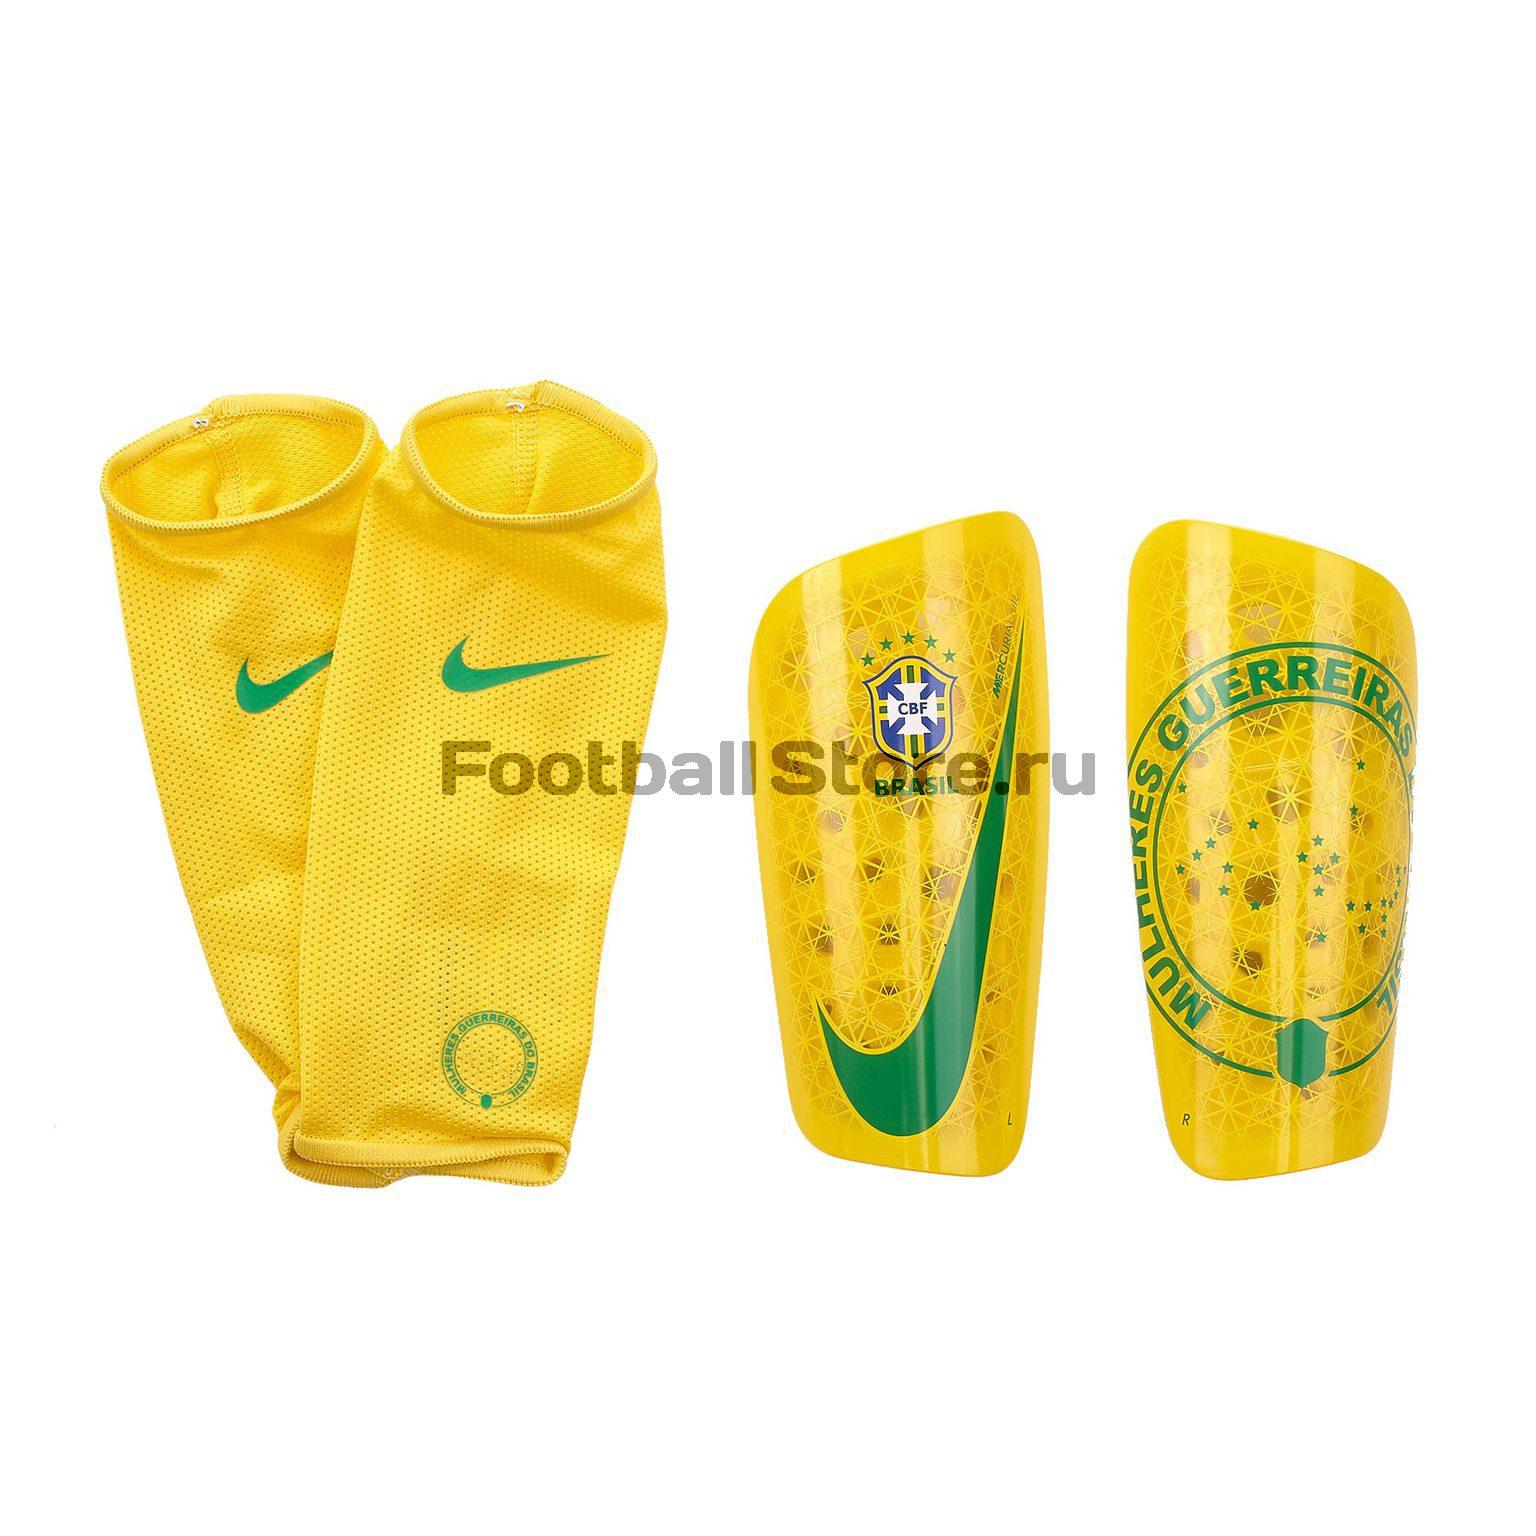 Щитки Nike сборной Бразилии SP2180-749 брюки тренировочные nike сборной бразилии 893122 454